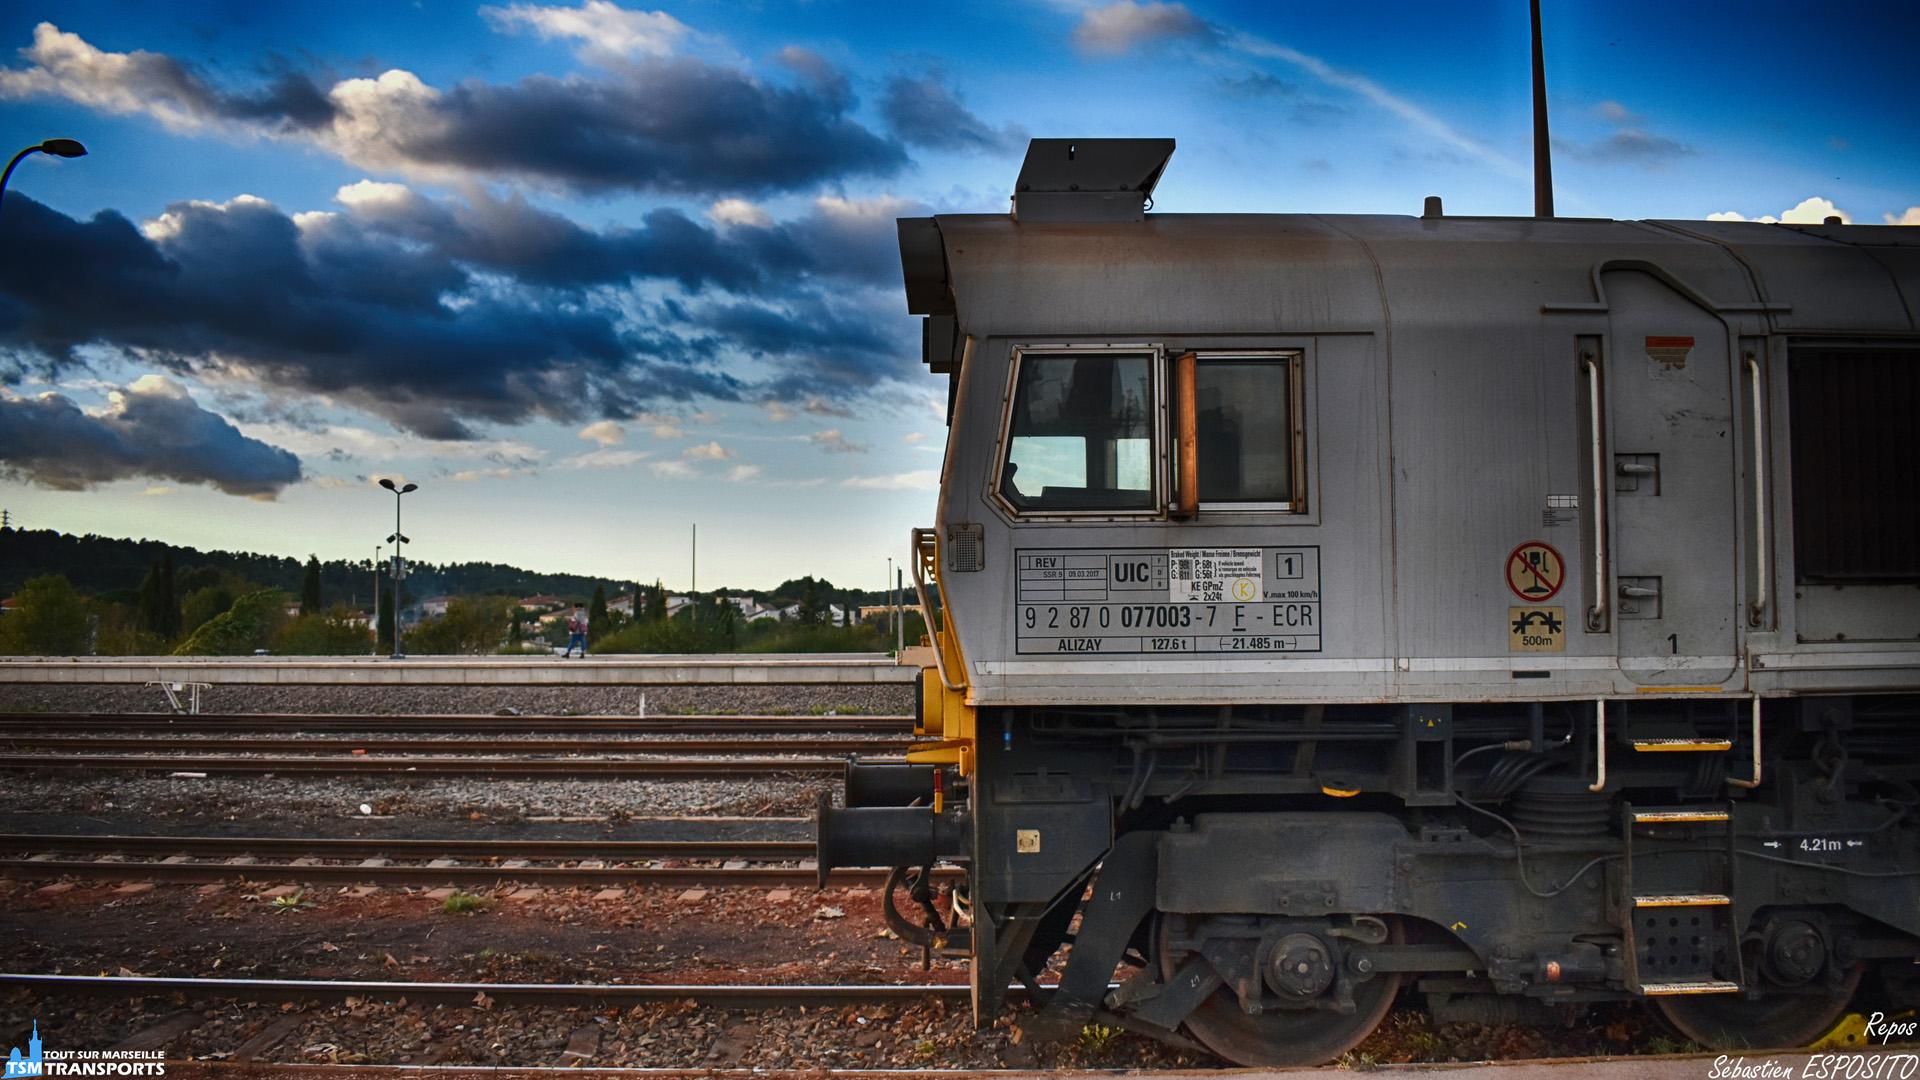 Après l'effort, cette class77, s'offre une pause bien méritée sur l'une des voies de la gare de Gardanne. . ℹ️ EMD Class77 (Class77003) ECR. . 📍 Gare de Gardanne, Place de la gare, 13120 Gardanne. . 📸 Nikon D5600. . 📷 Nikkor 18-55mm. . 📅 3 Novembre 2018 à 16:54. . 👨 Sébastien ESPOSITO.